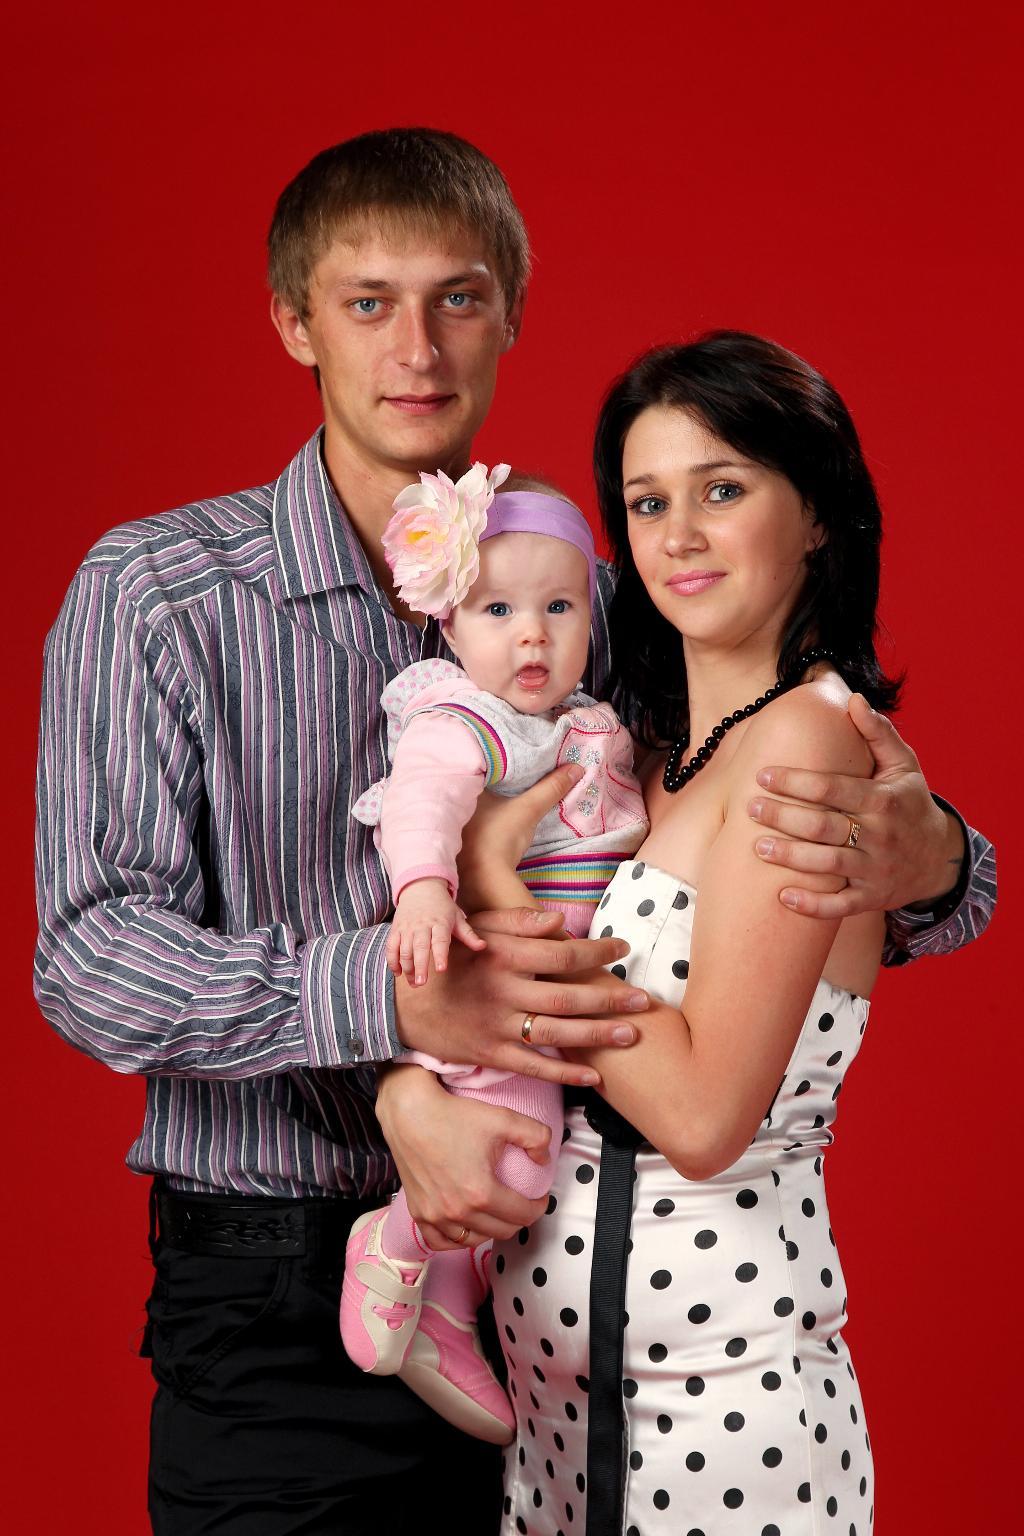 наша крошечка, наше счастье!. Мама, папа, я - счастливая семья!